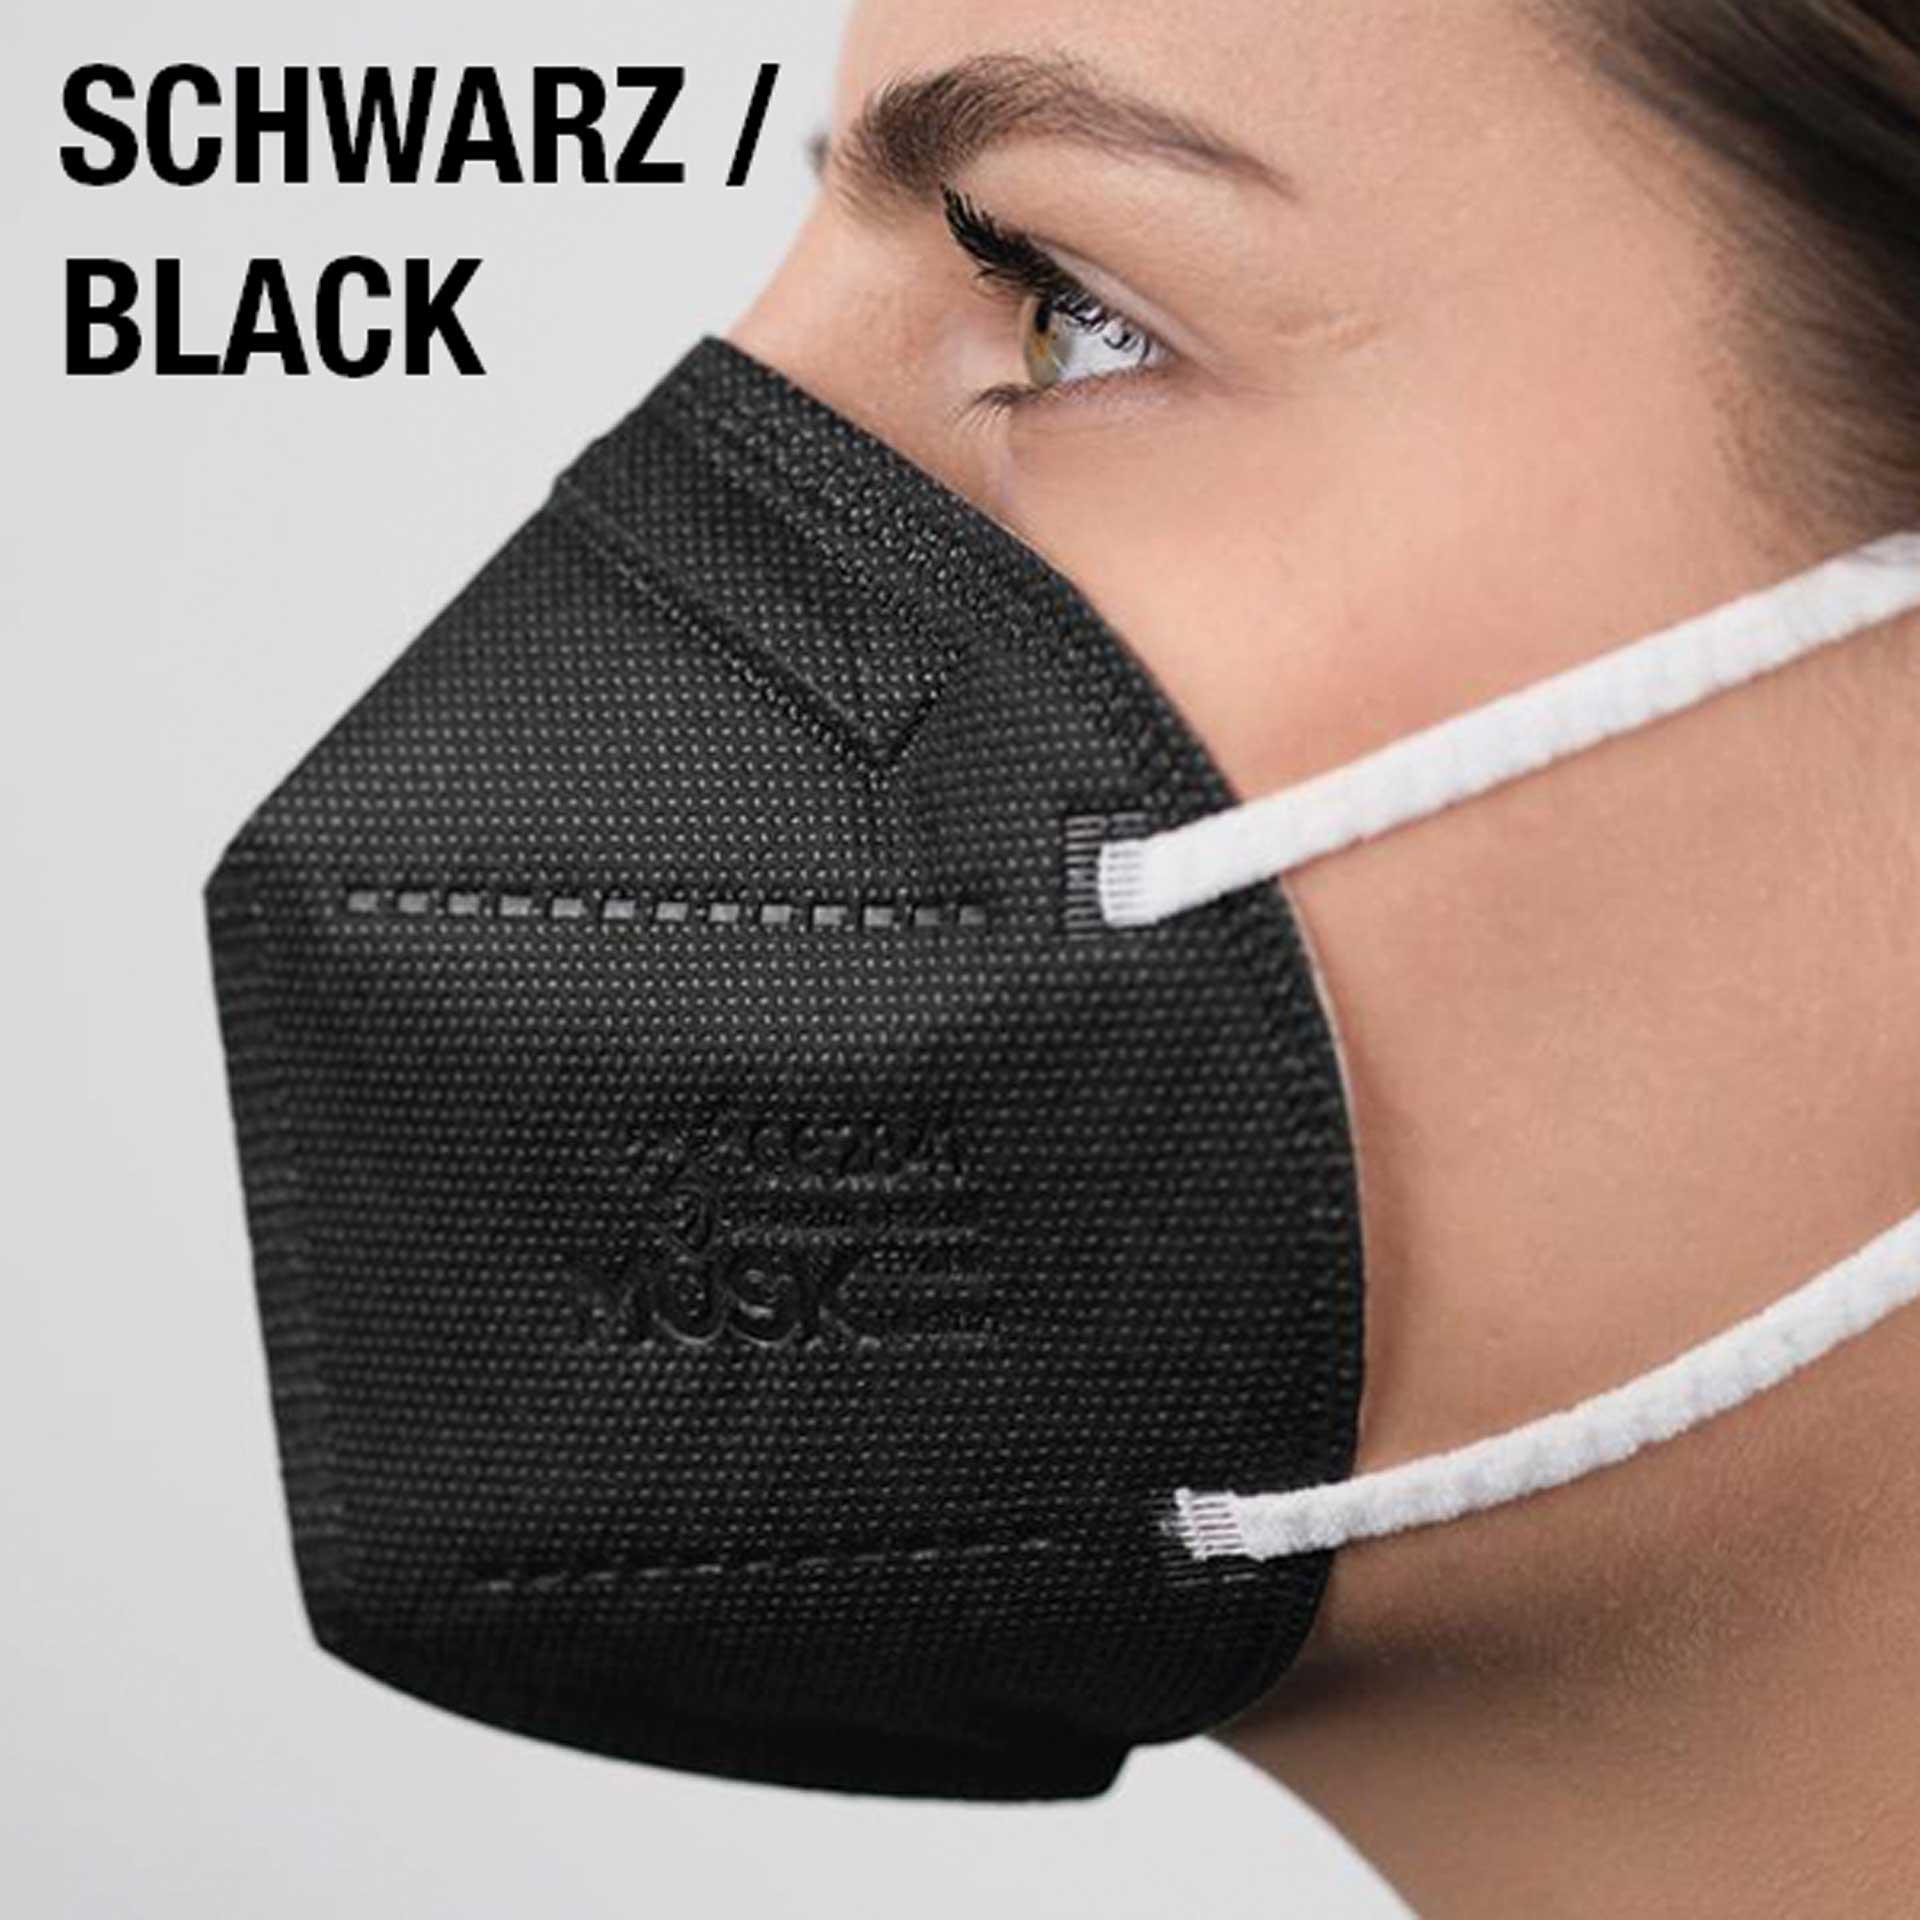 R&G Atemschutzmaske SCHWARZ, FFP2 NR, Packung/ 1 St.